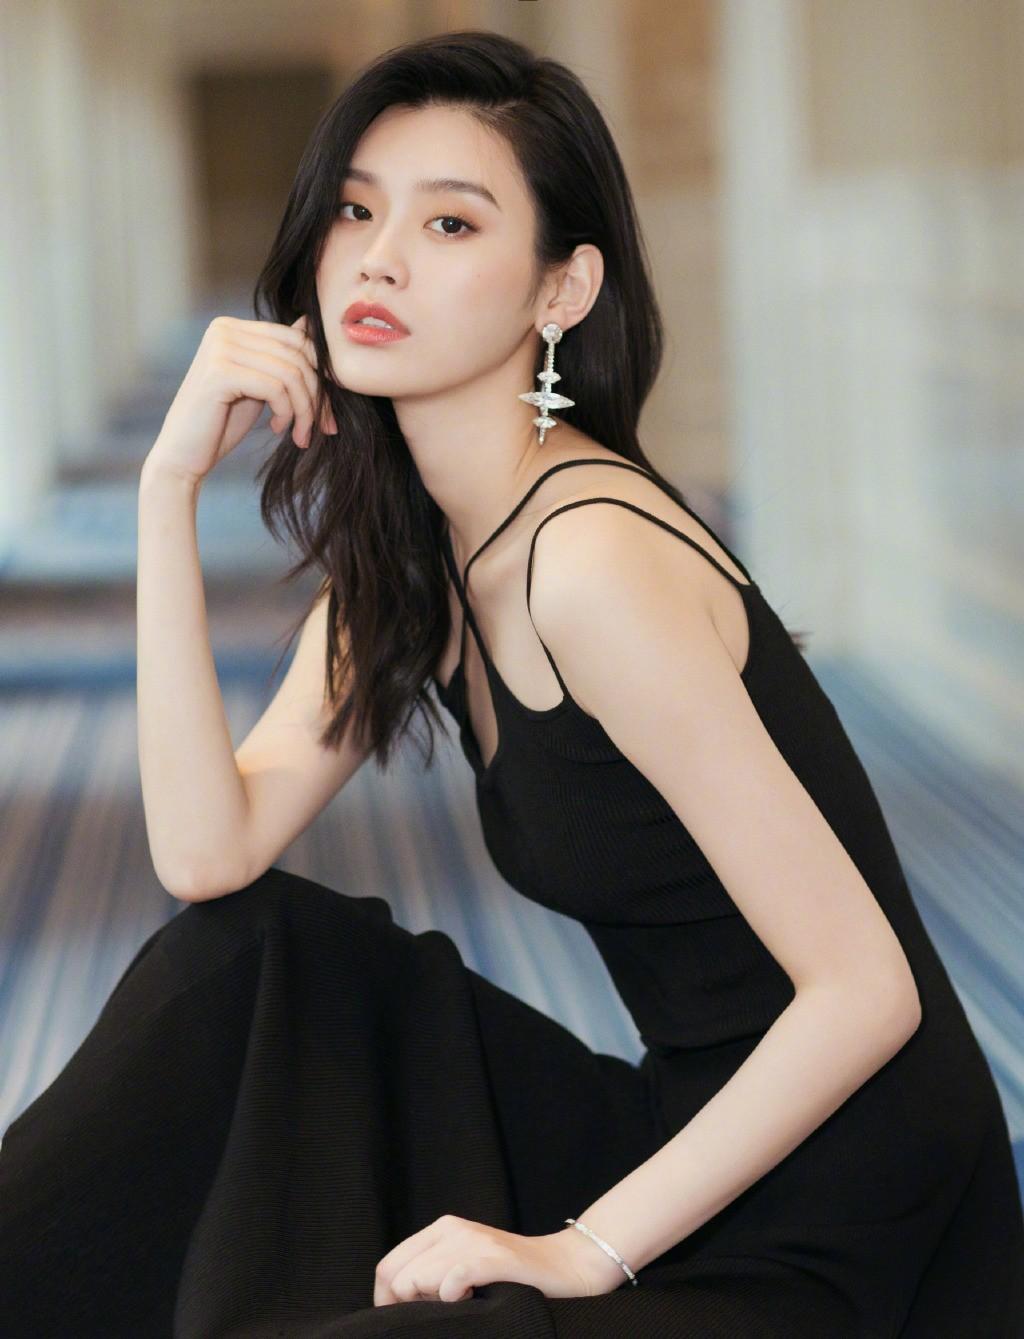 模特出身的她拍照效果还是杠杠的,可跟刘雯比起来,还是少了一丝高级